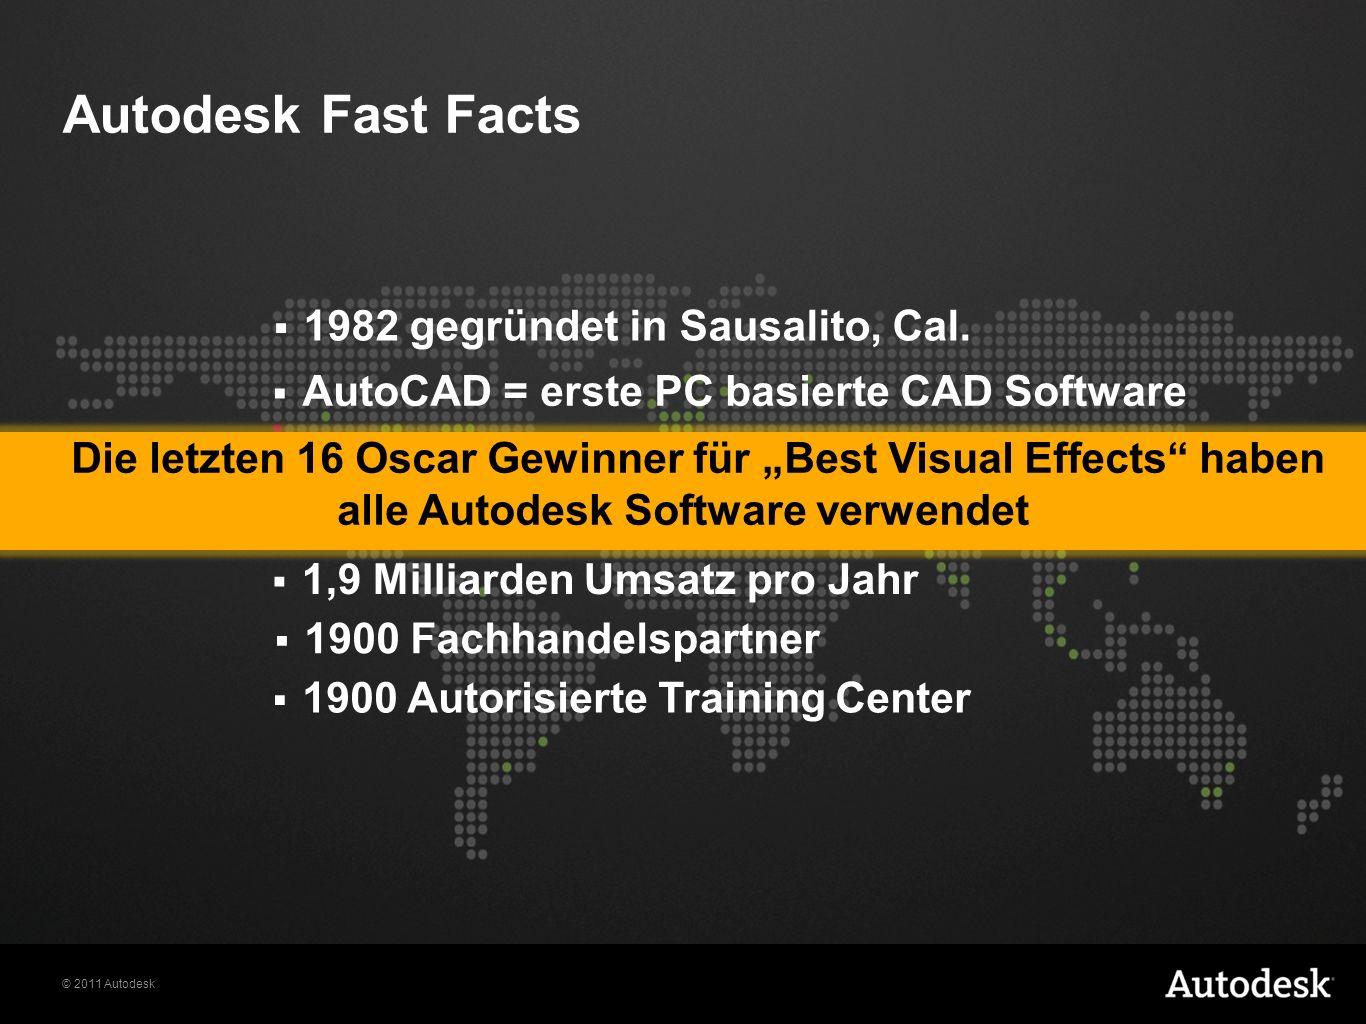 © 2011 Autodesk Autodesk Fast Facts 7000 Mitarbeiter an 95 Standorten weltweit + 9 Millionen kommerzielle Anwender 1,9 Milliarden Umsatz pro Jahr AutoCAD = erste PC basierte CAD Software 1982 gegründet in Sausalito, Cal.